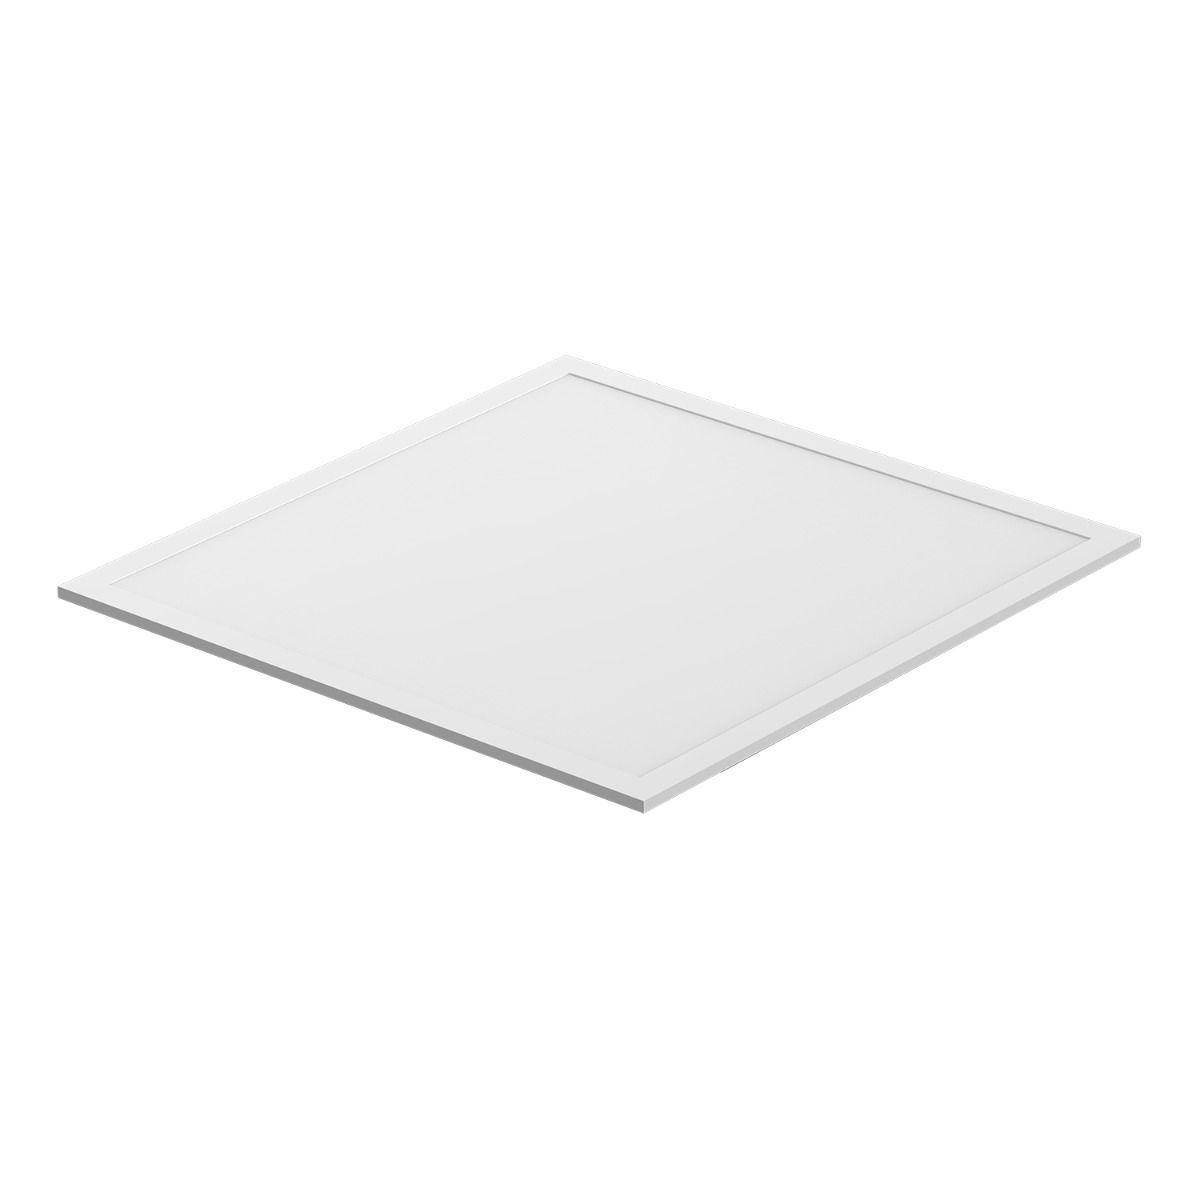 Noxion Delta Pro Panel LED UGR<19 V2.0 30W 4110lm 6500K 600x600 + GST18 Macho + Xitanium   Luz de Día